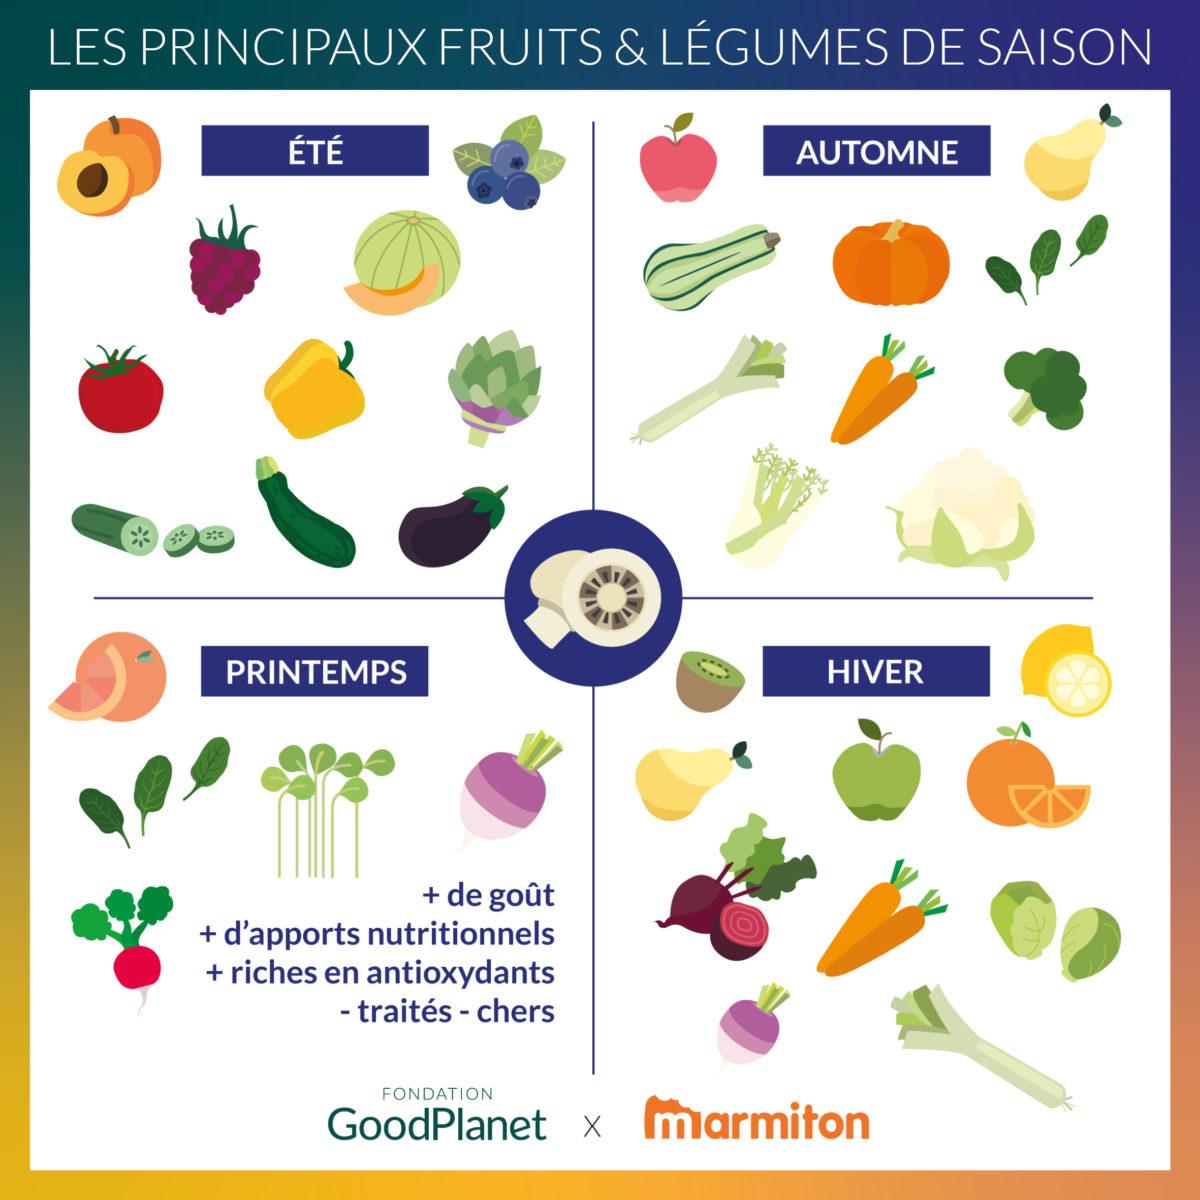 infographie les principaux fruits et légumes de saison